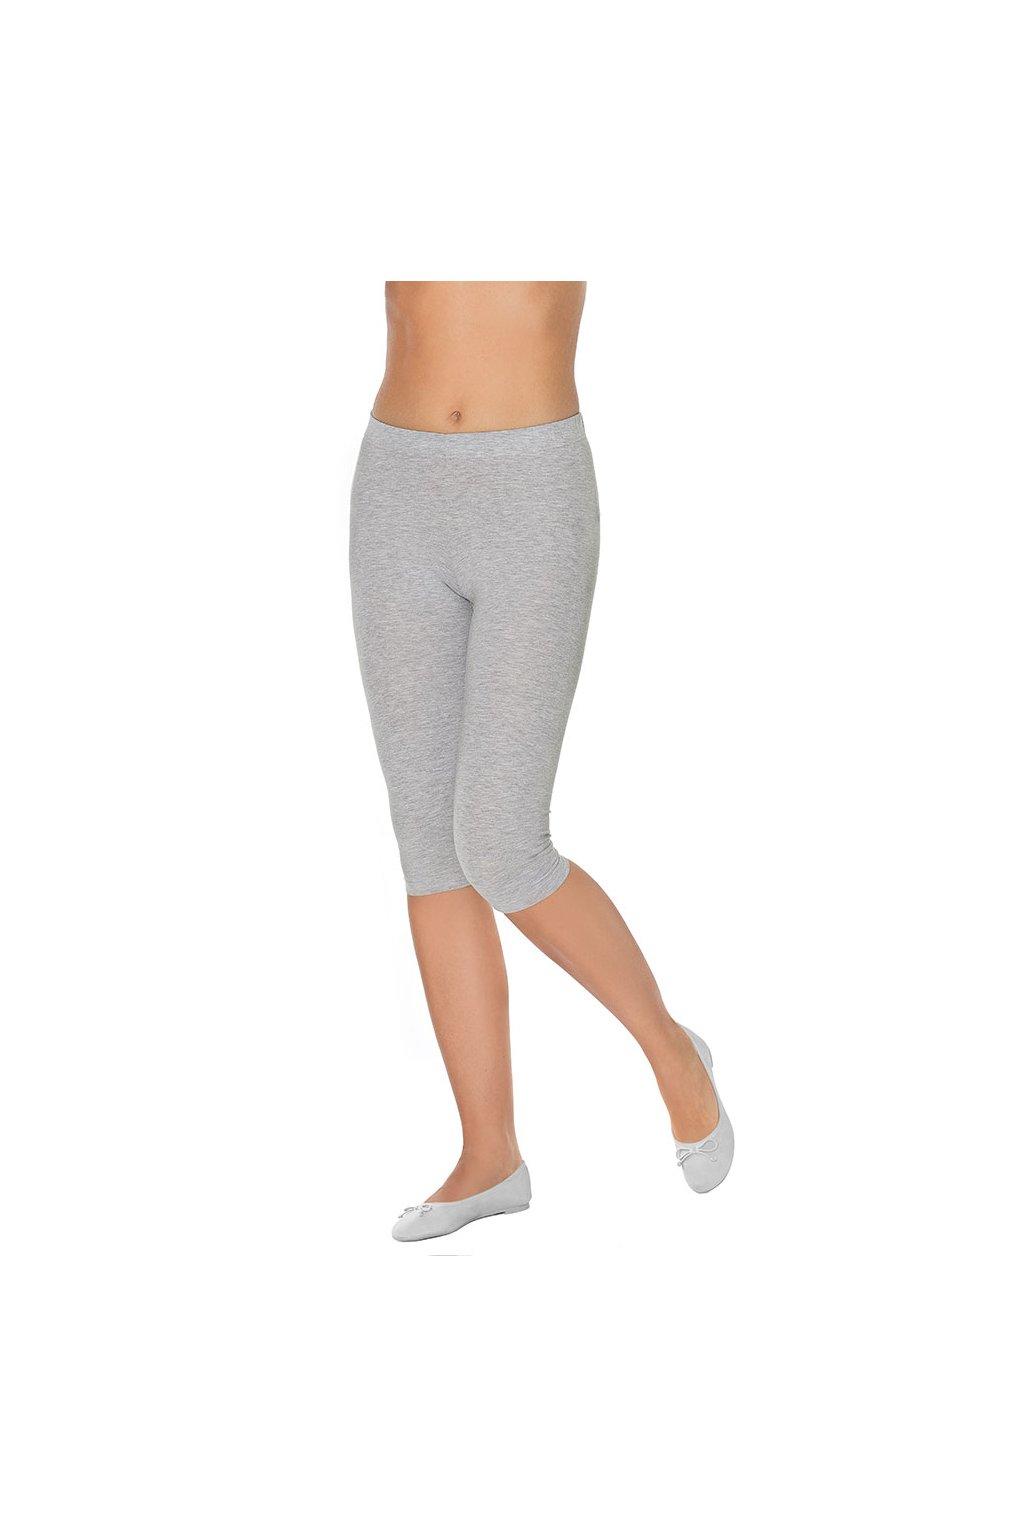 Dámské legíny s krátkými nohavicemi, 10108 30, šedá